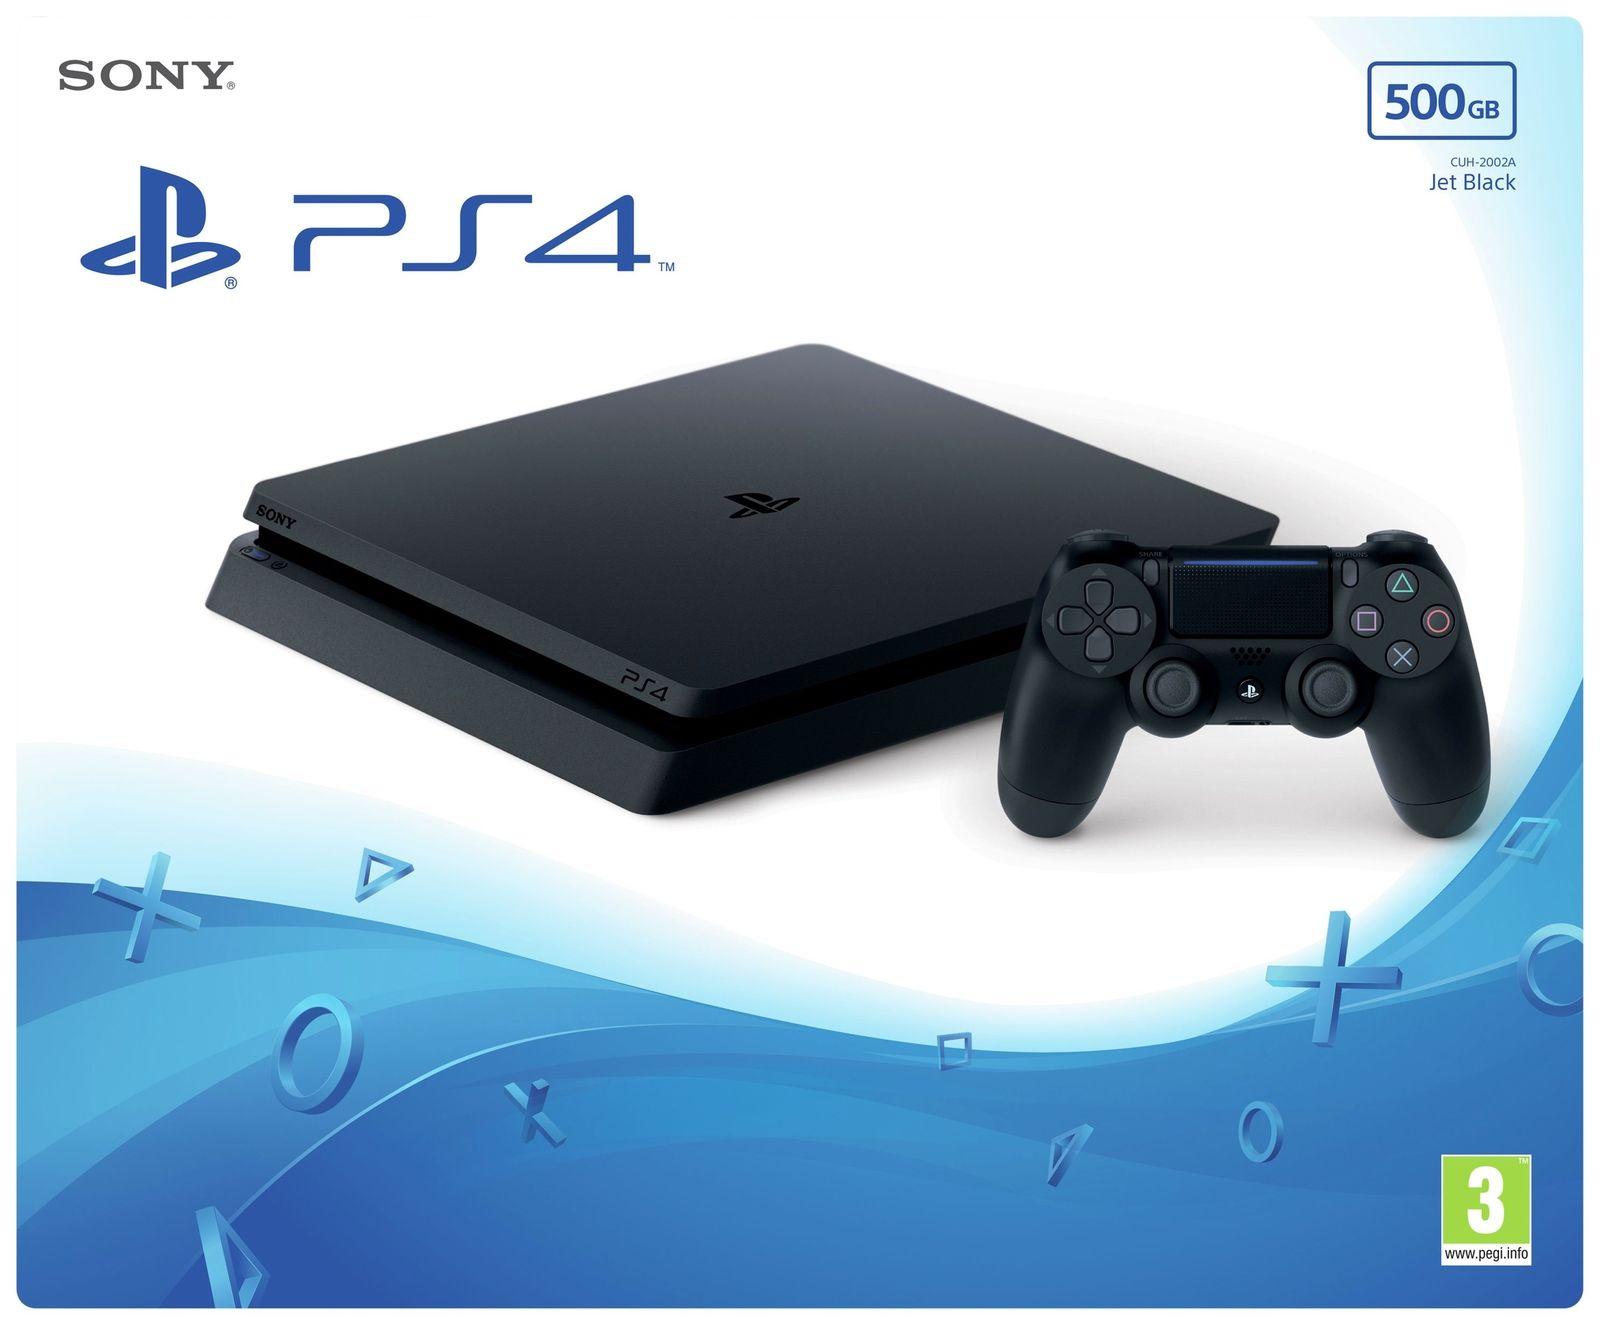 PS4 Slim with Controller Refurb Argos on Ebay £159.99 1 Year Warranty